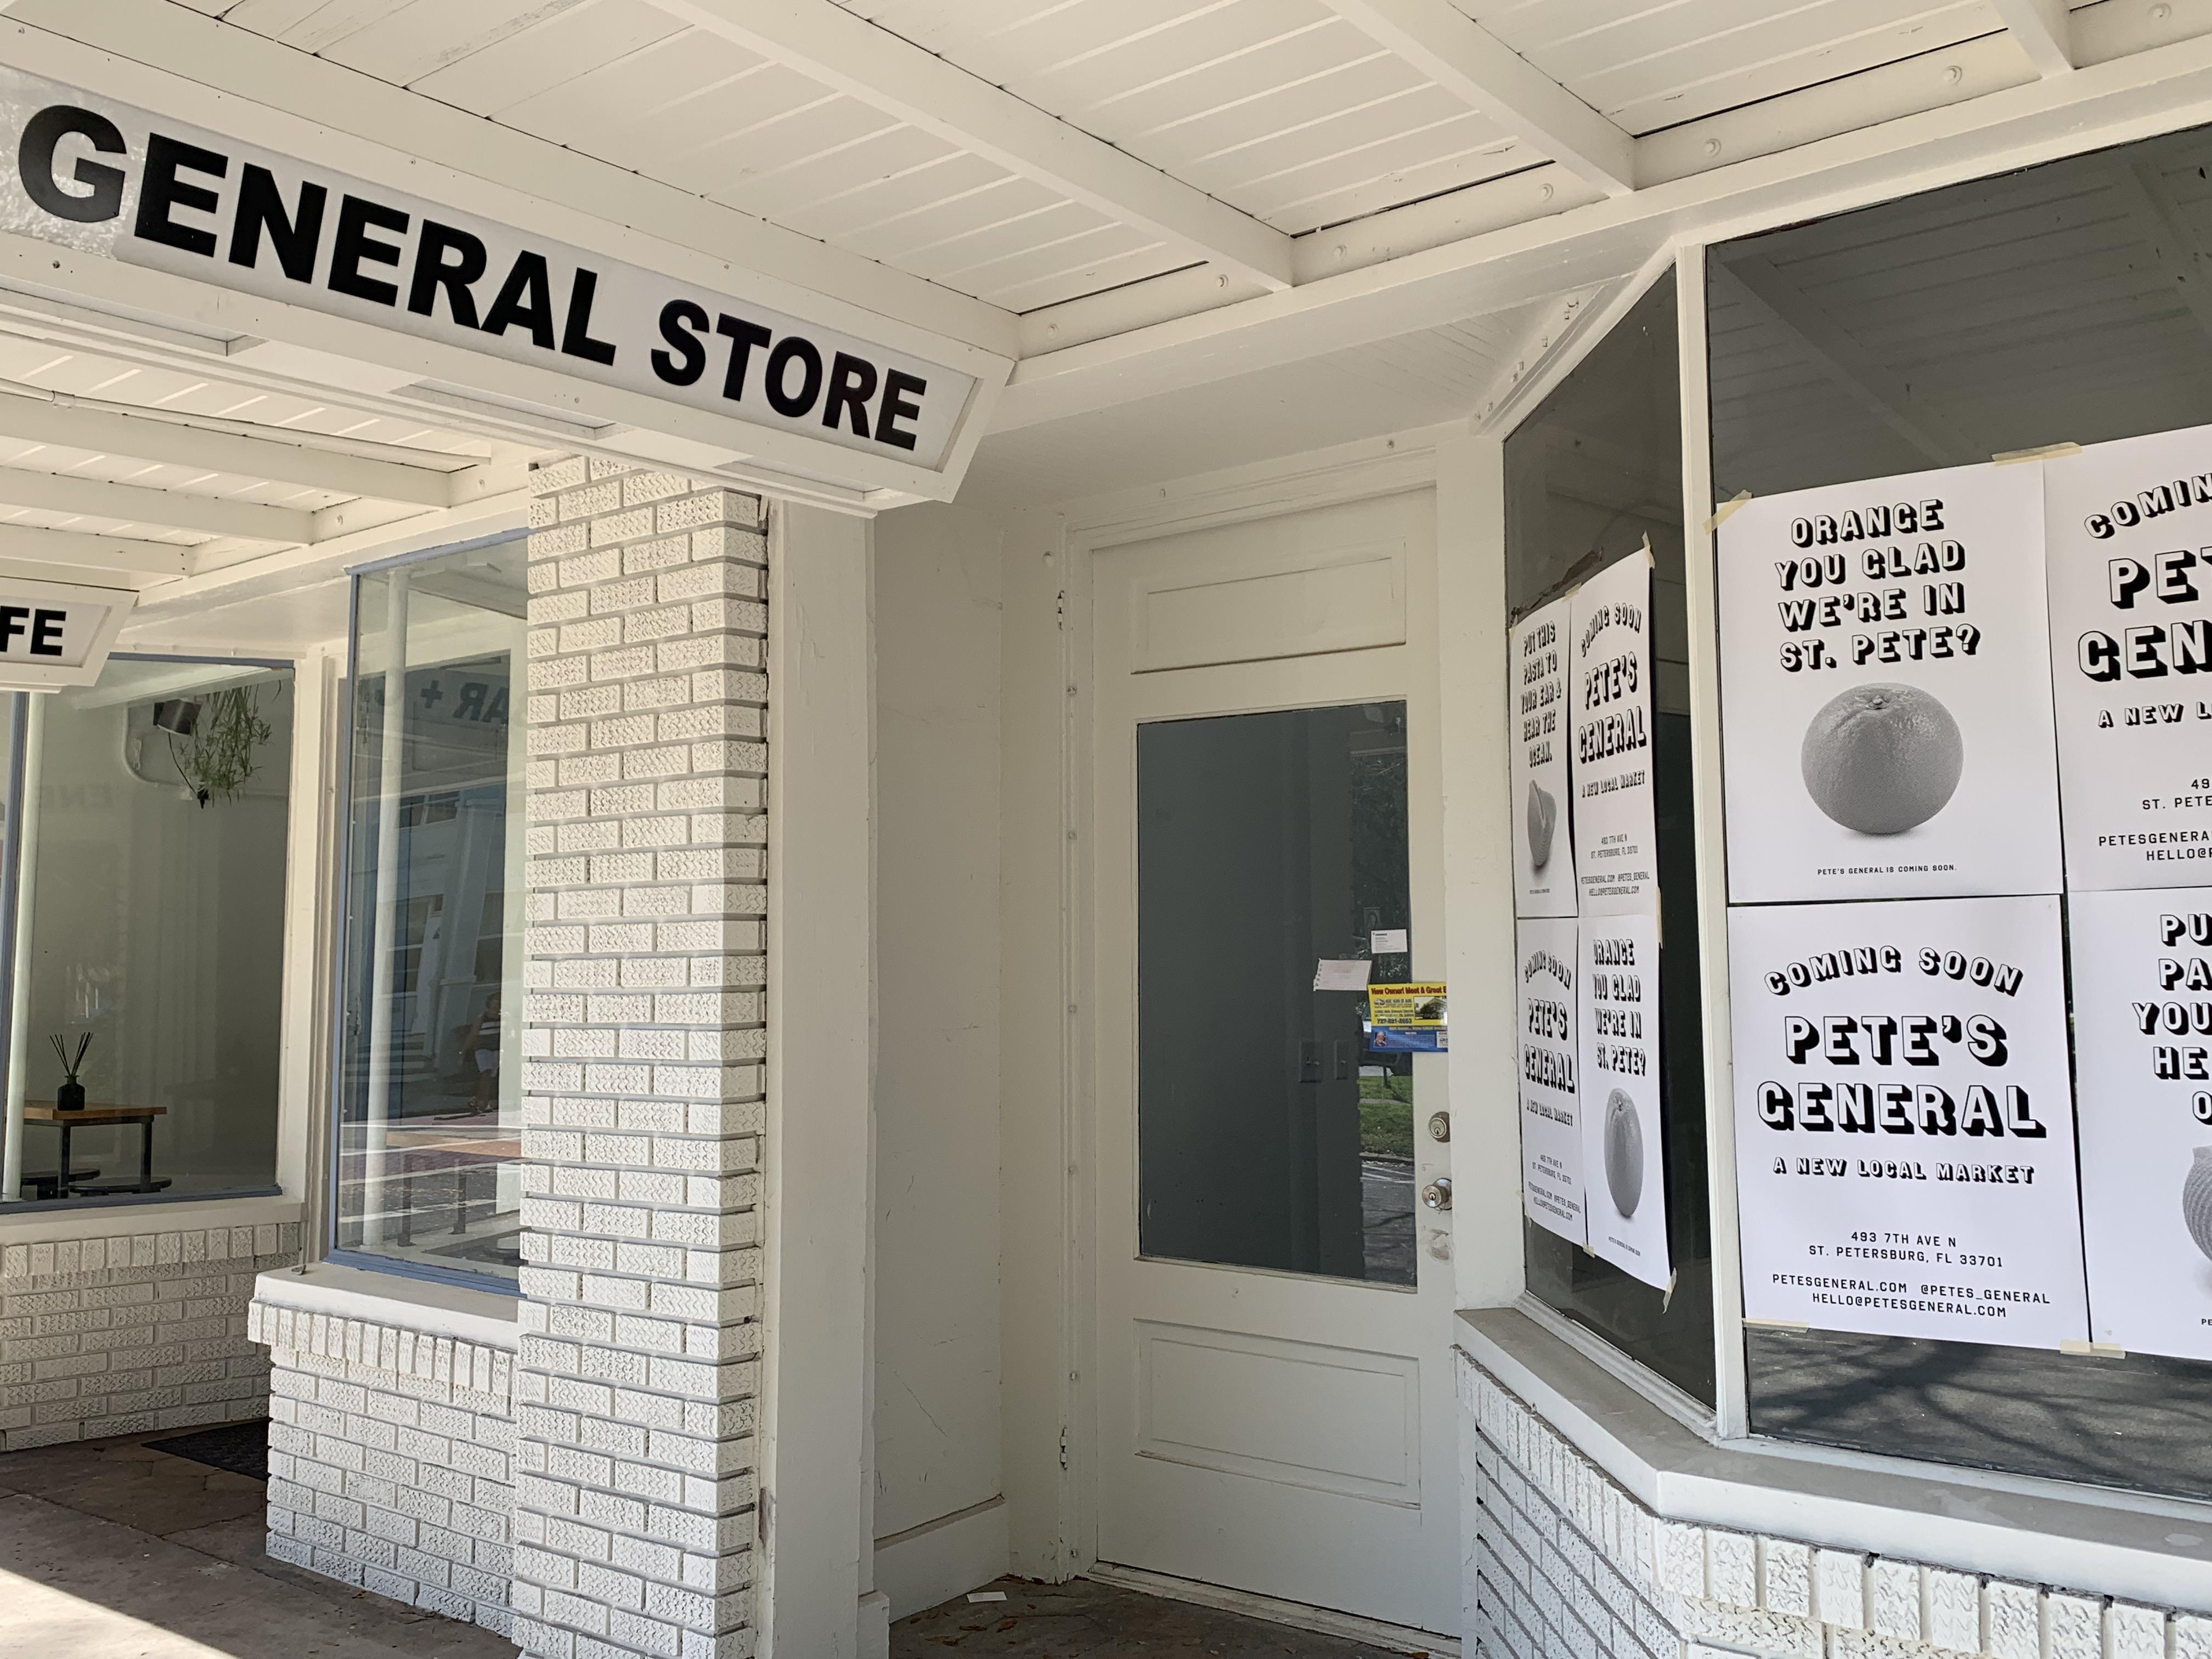 Pete's General revives St. Petersburg's Historic Uptown neighborhood